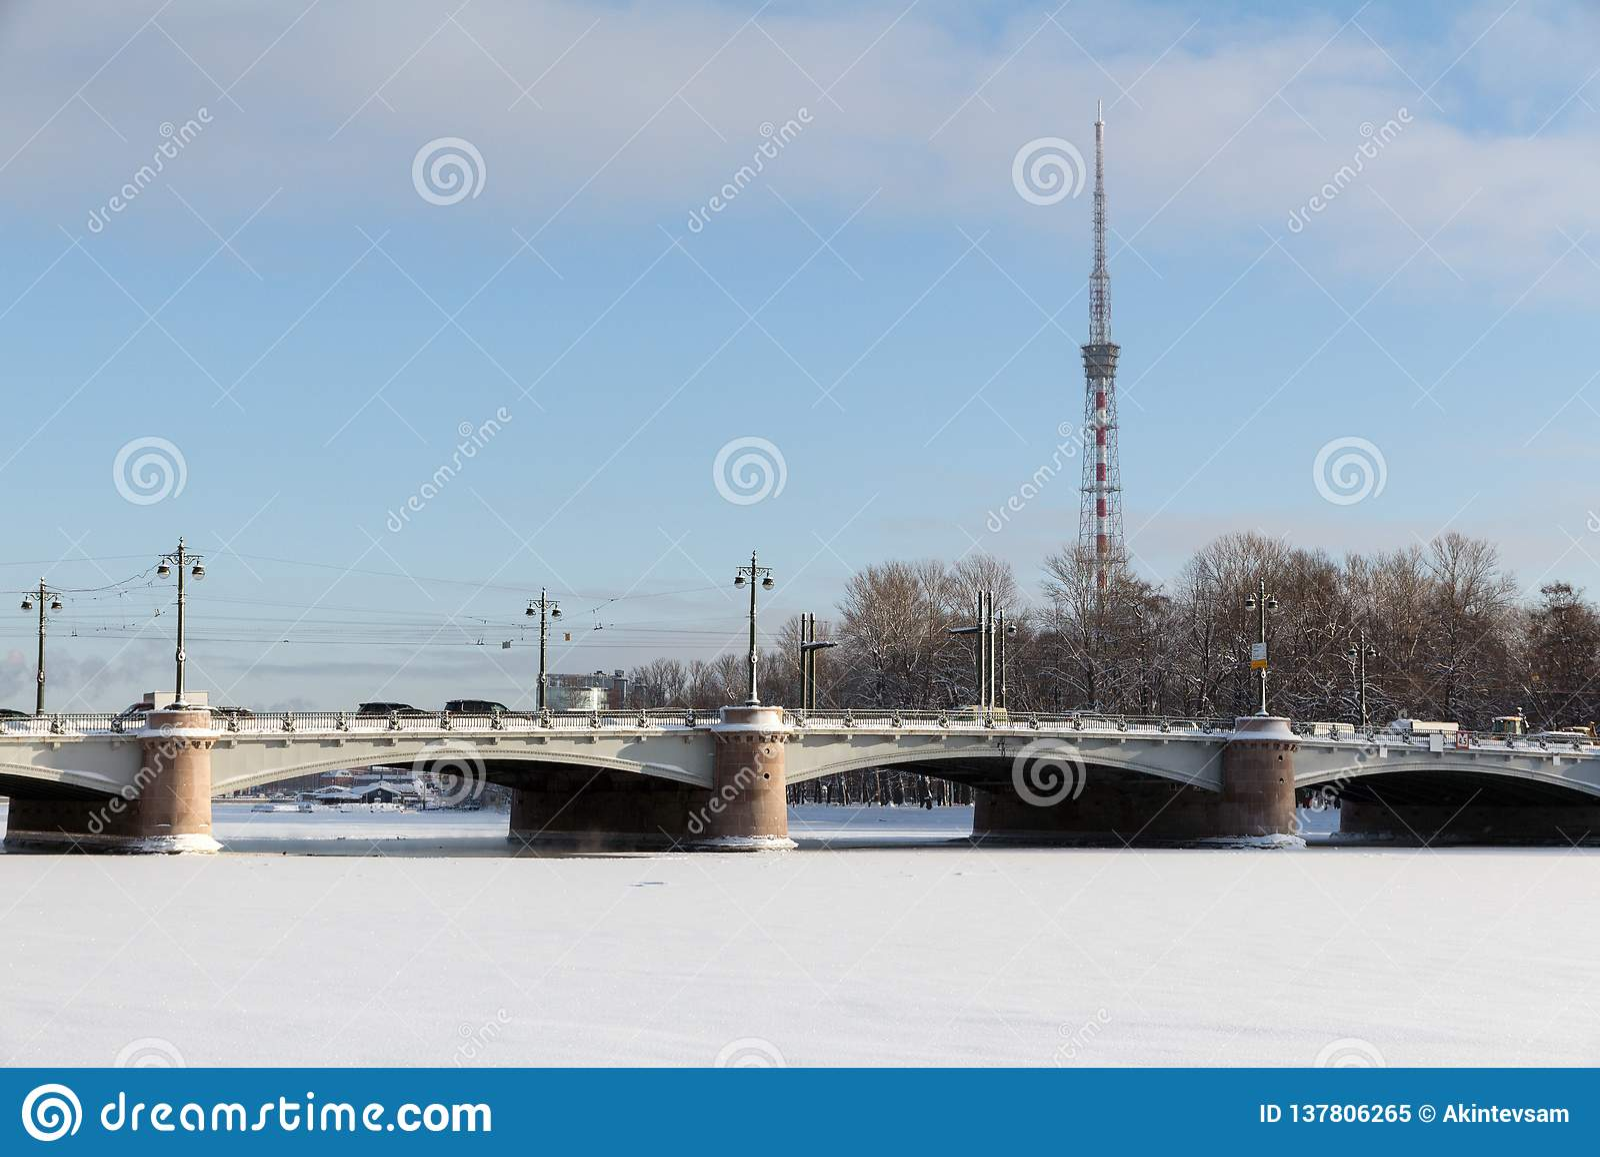 ST PETERSBURG, RUSSIE - 24 janvier 2019 : Vue de pont de Kamennoostrovsky et de la tour de TV de Malaya Nevka River dans le St